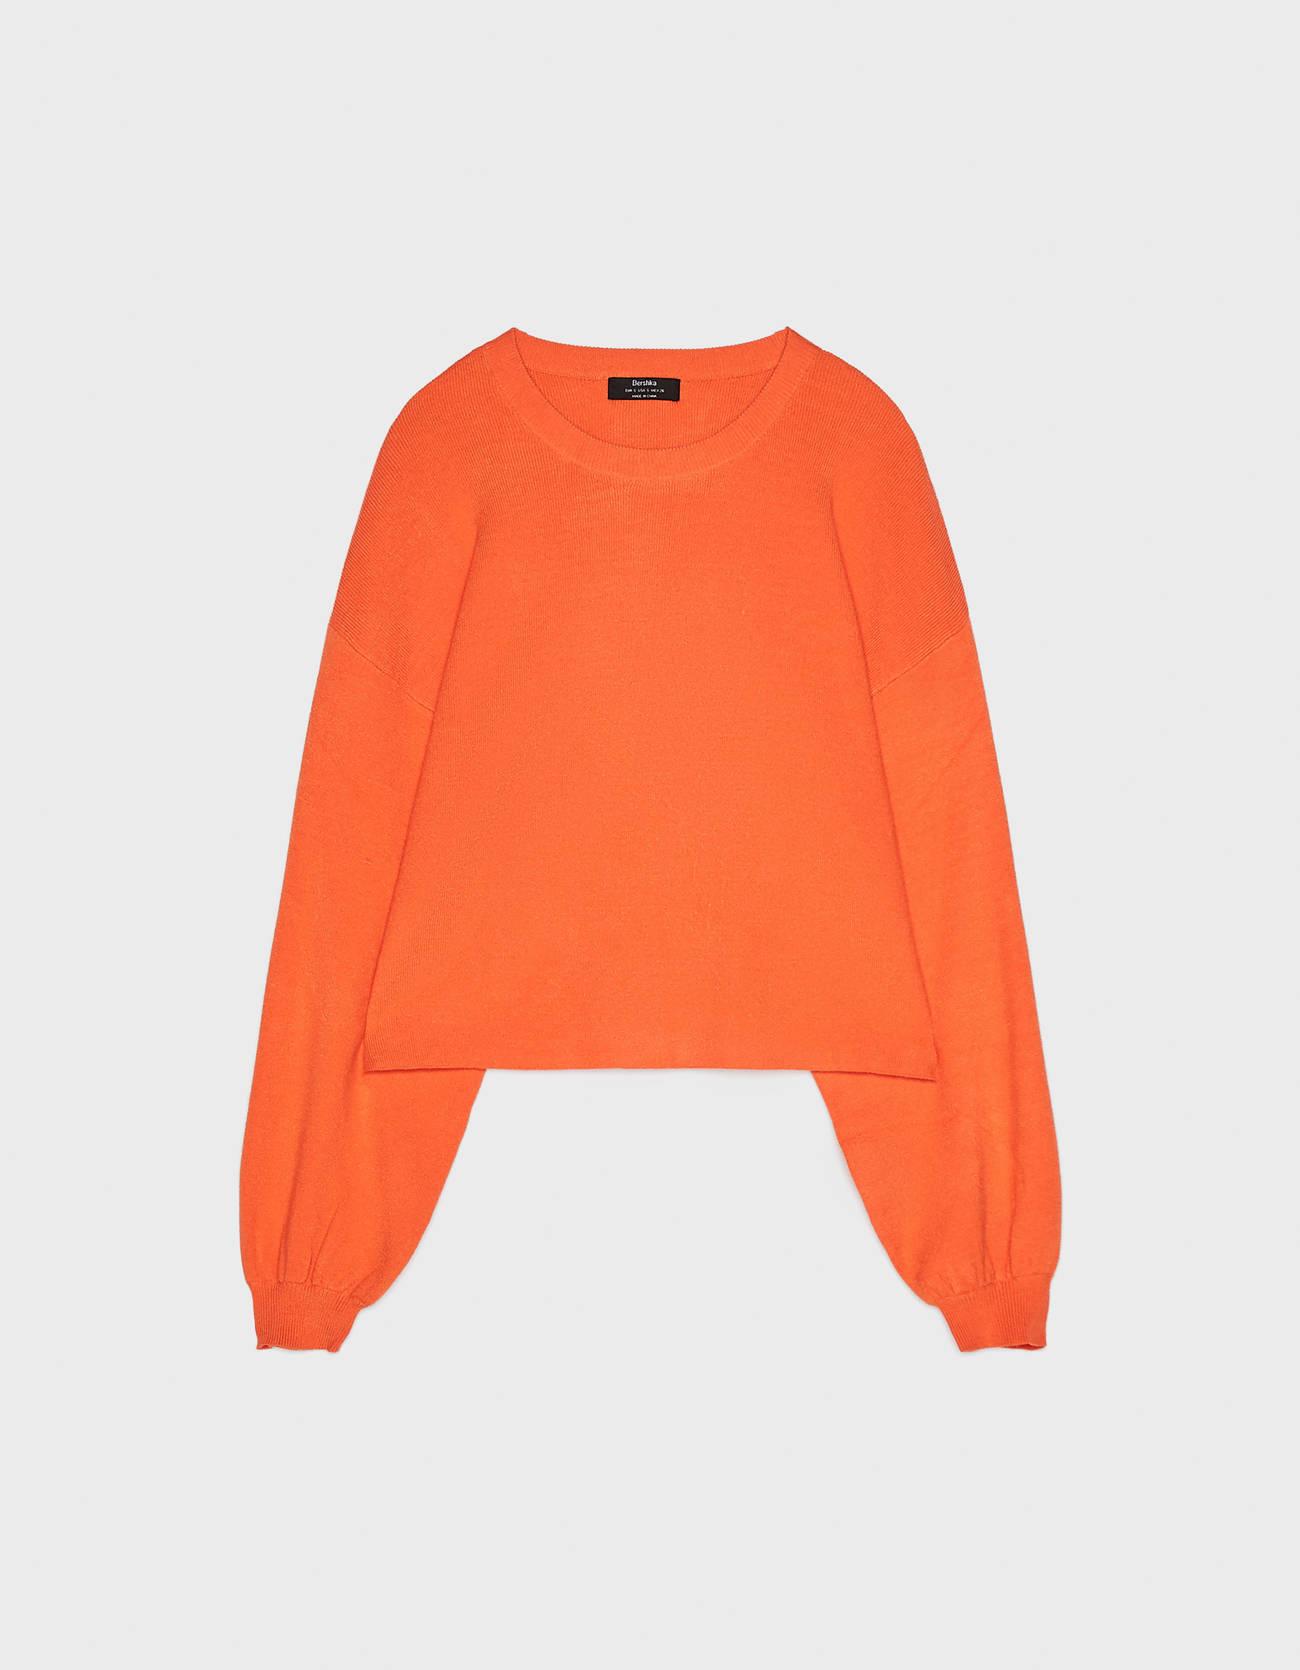 Укороченный свитер с круглым вырезом Оранжевый Bershka